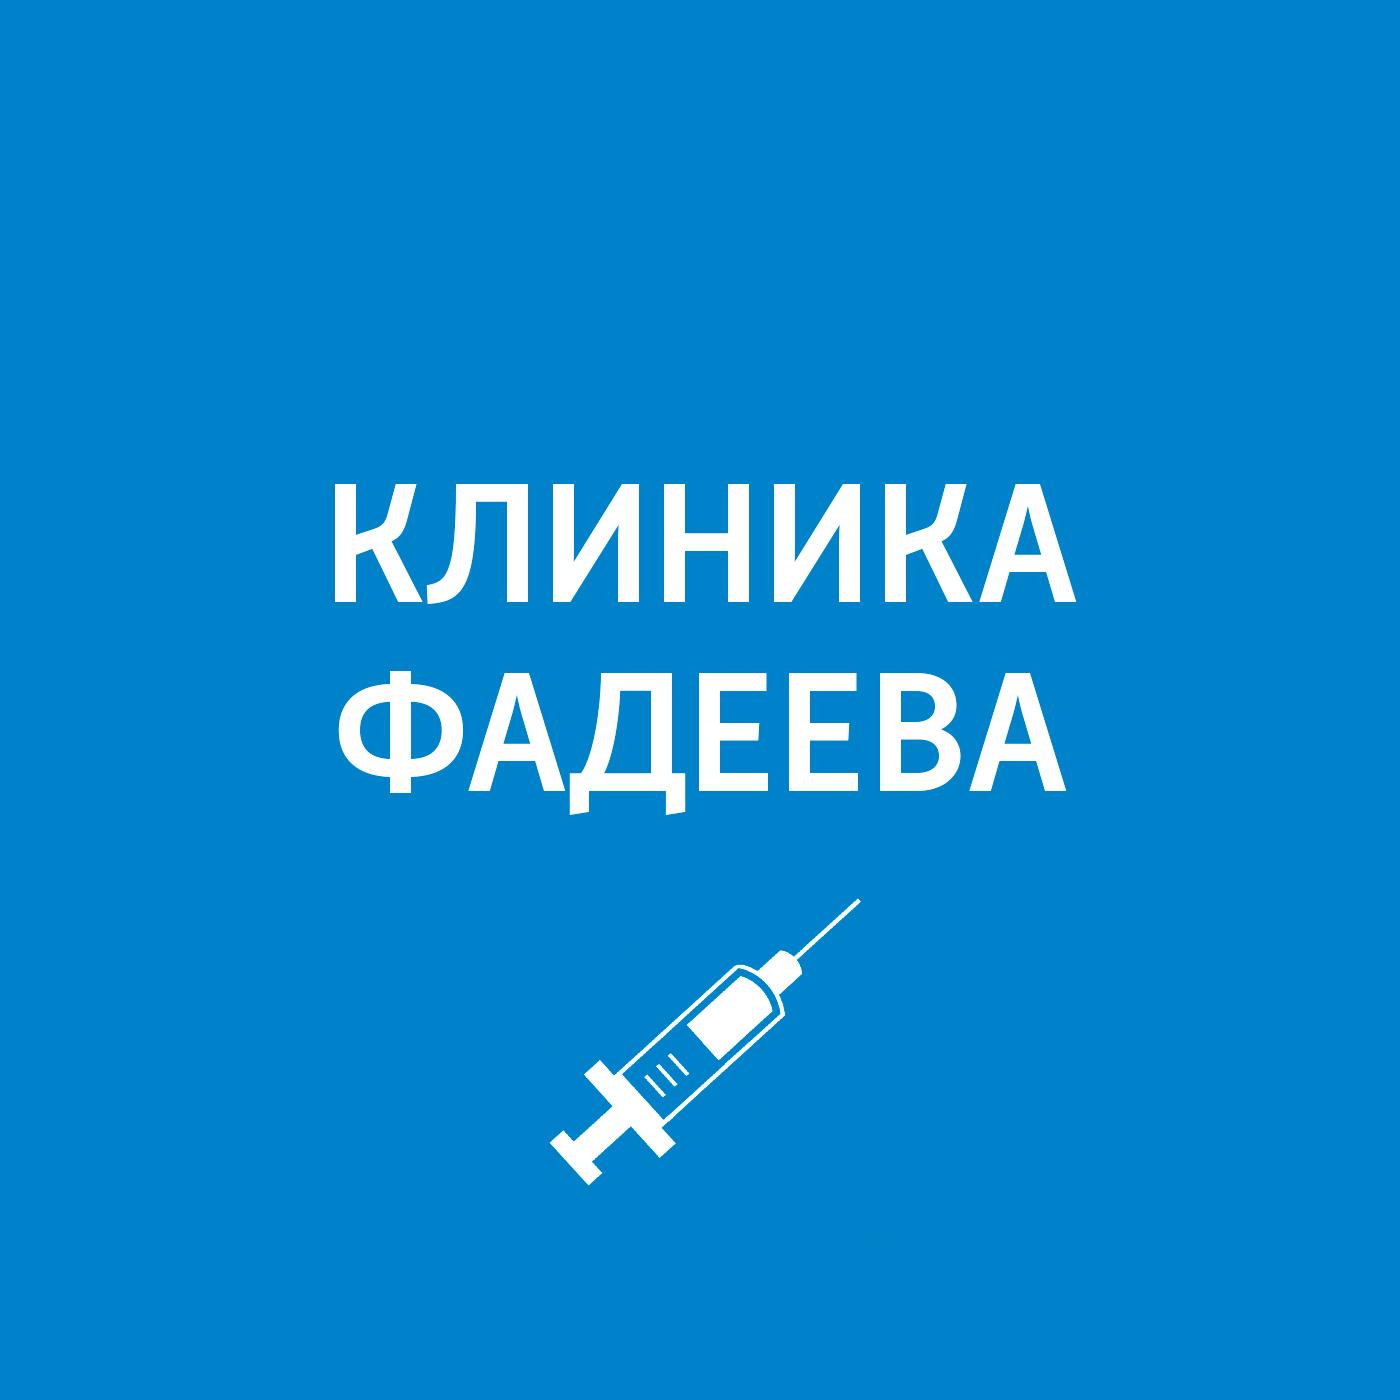 Пётр Фадеев Глаза пётр фадеев ветеринар герпетолог